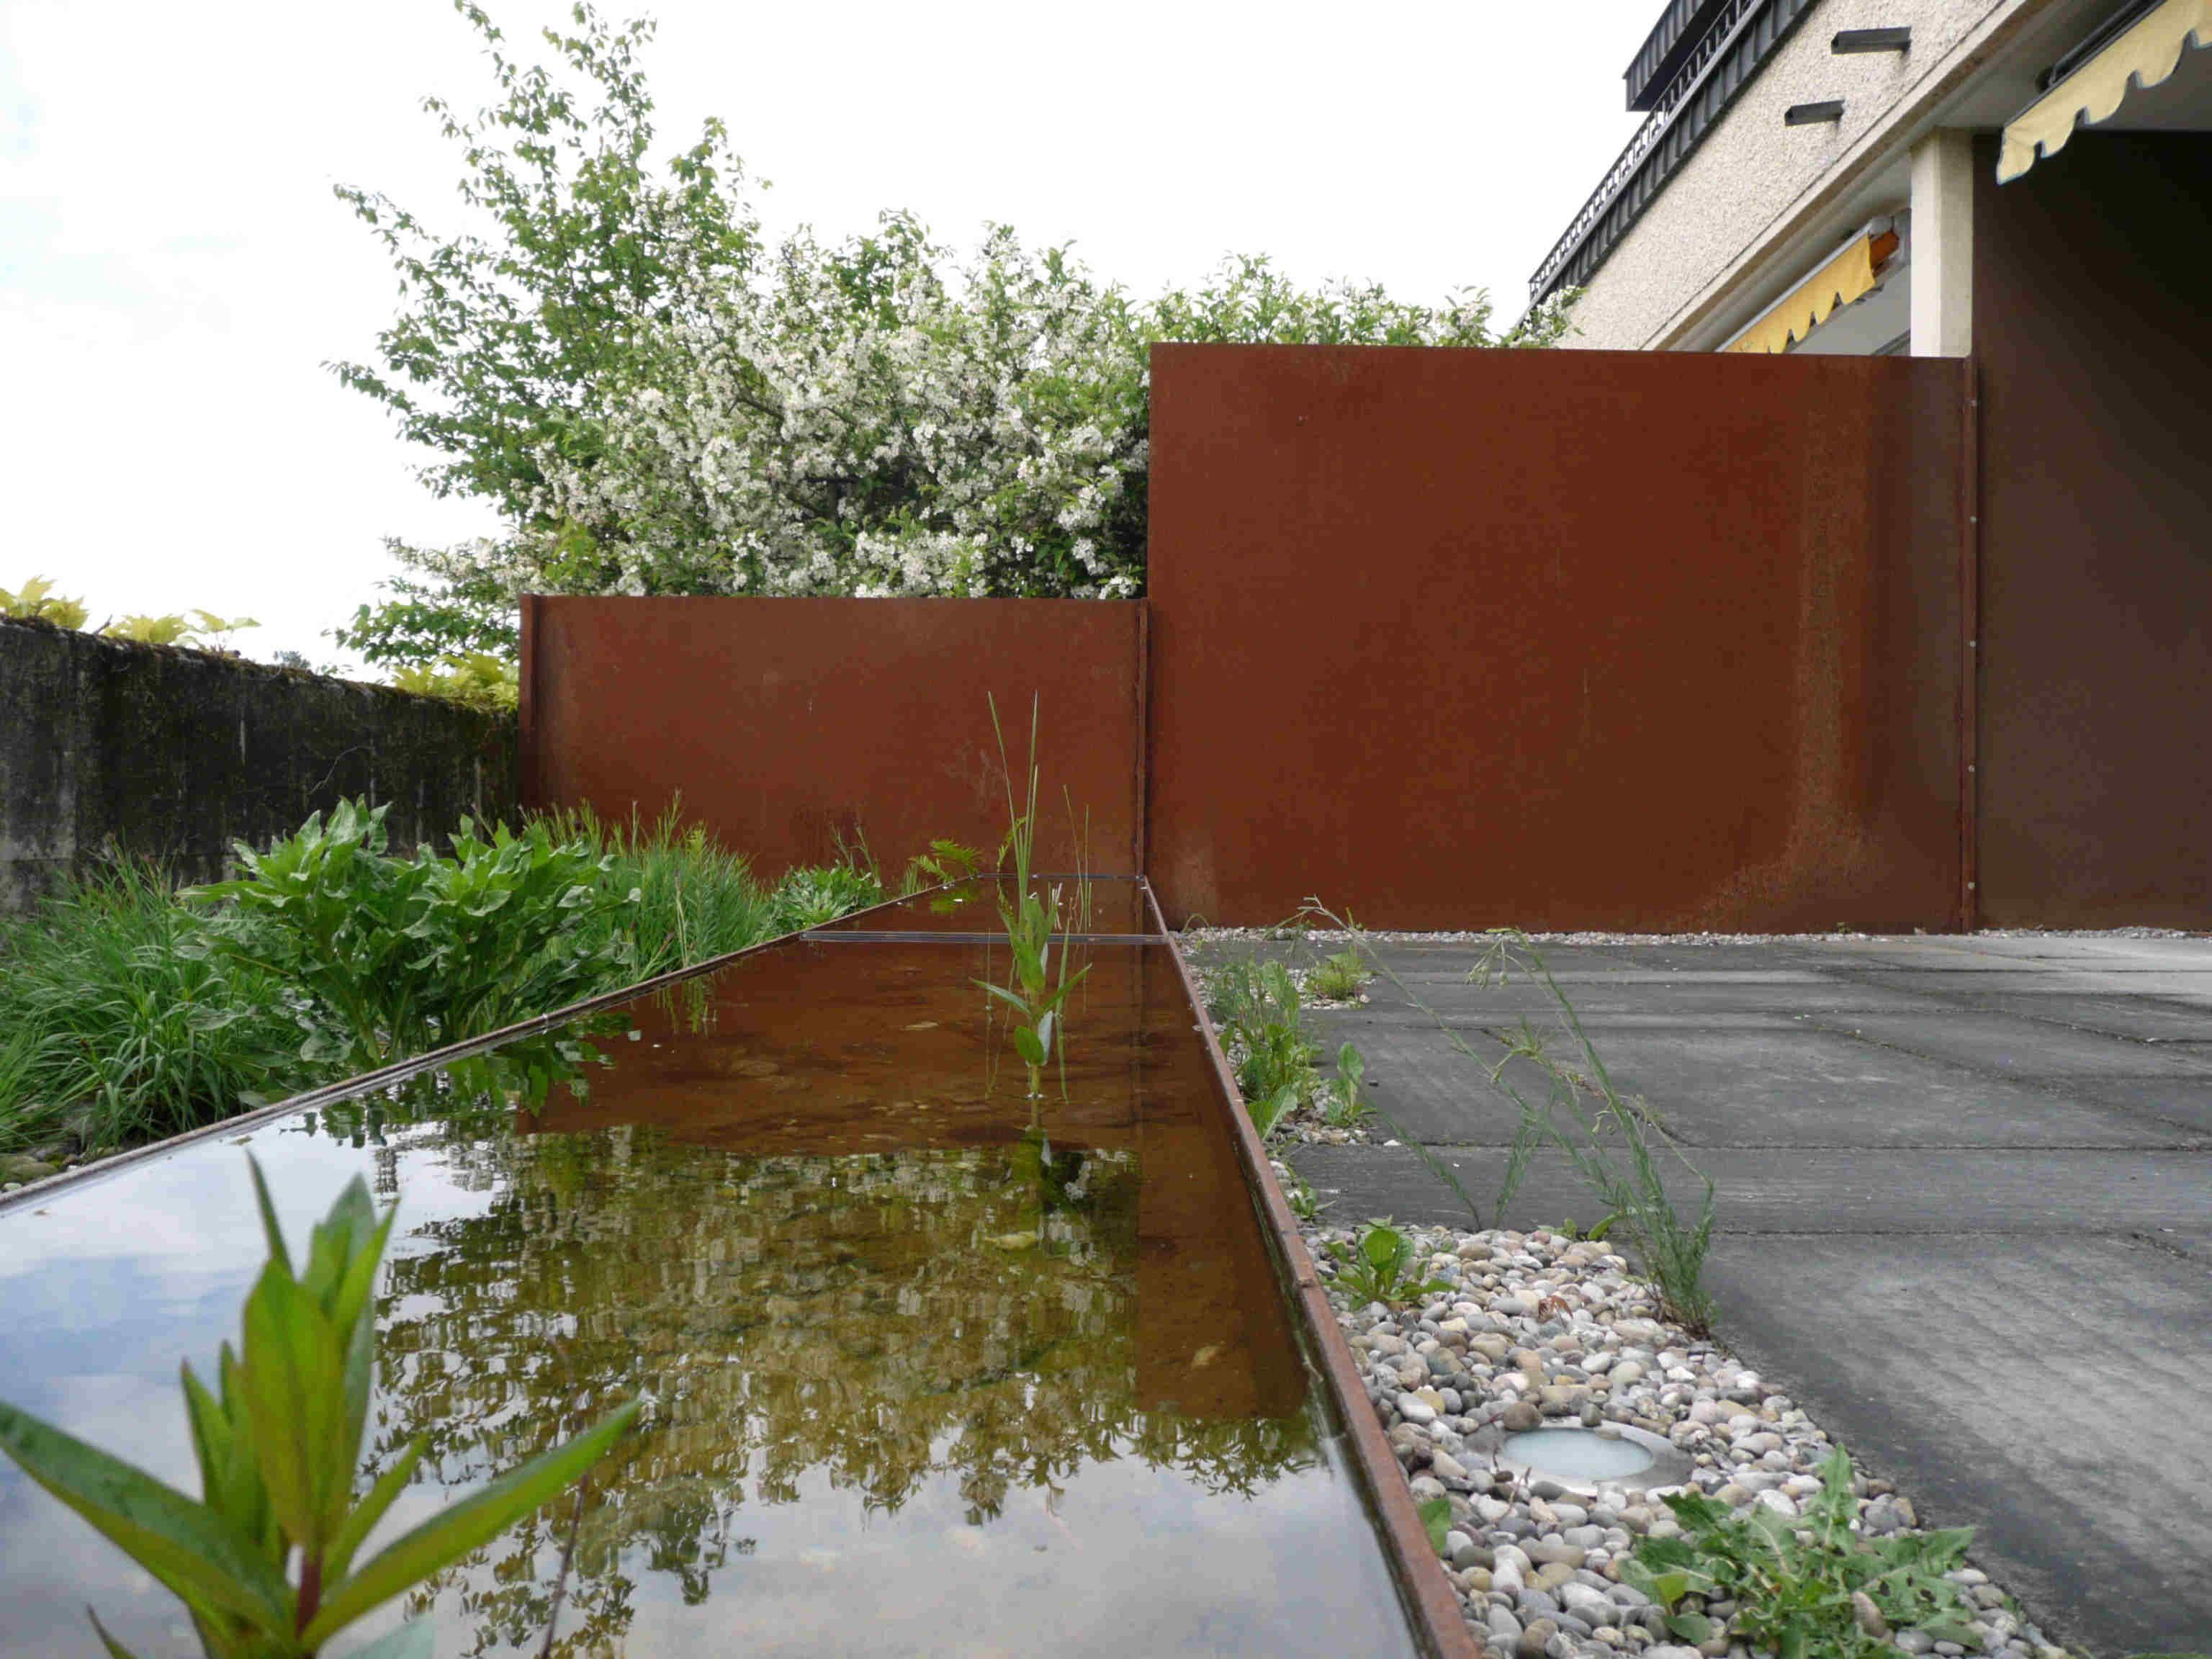 Gartengestaltung 16 g rten wiesengrund pinterest for Gartengestaltung rost